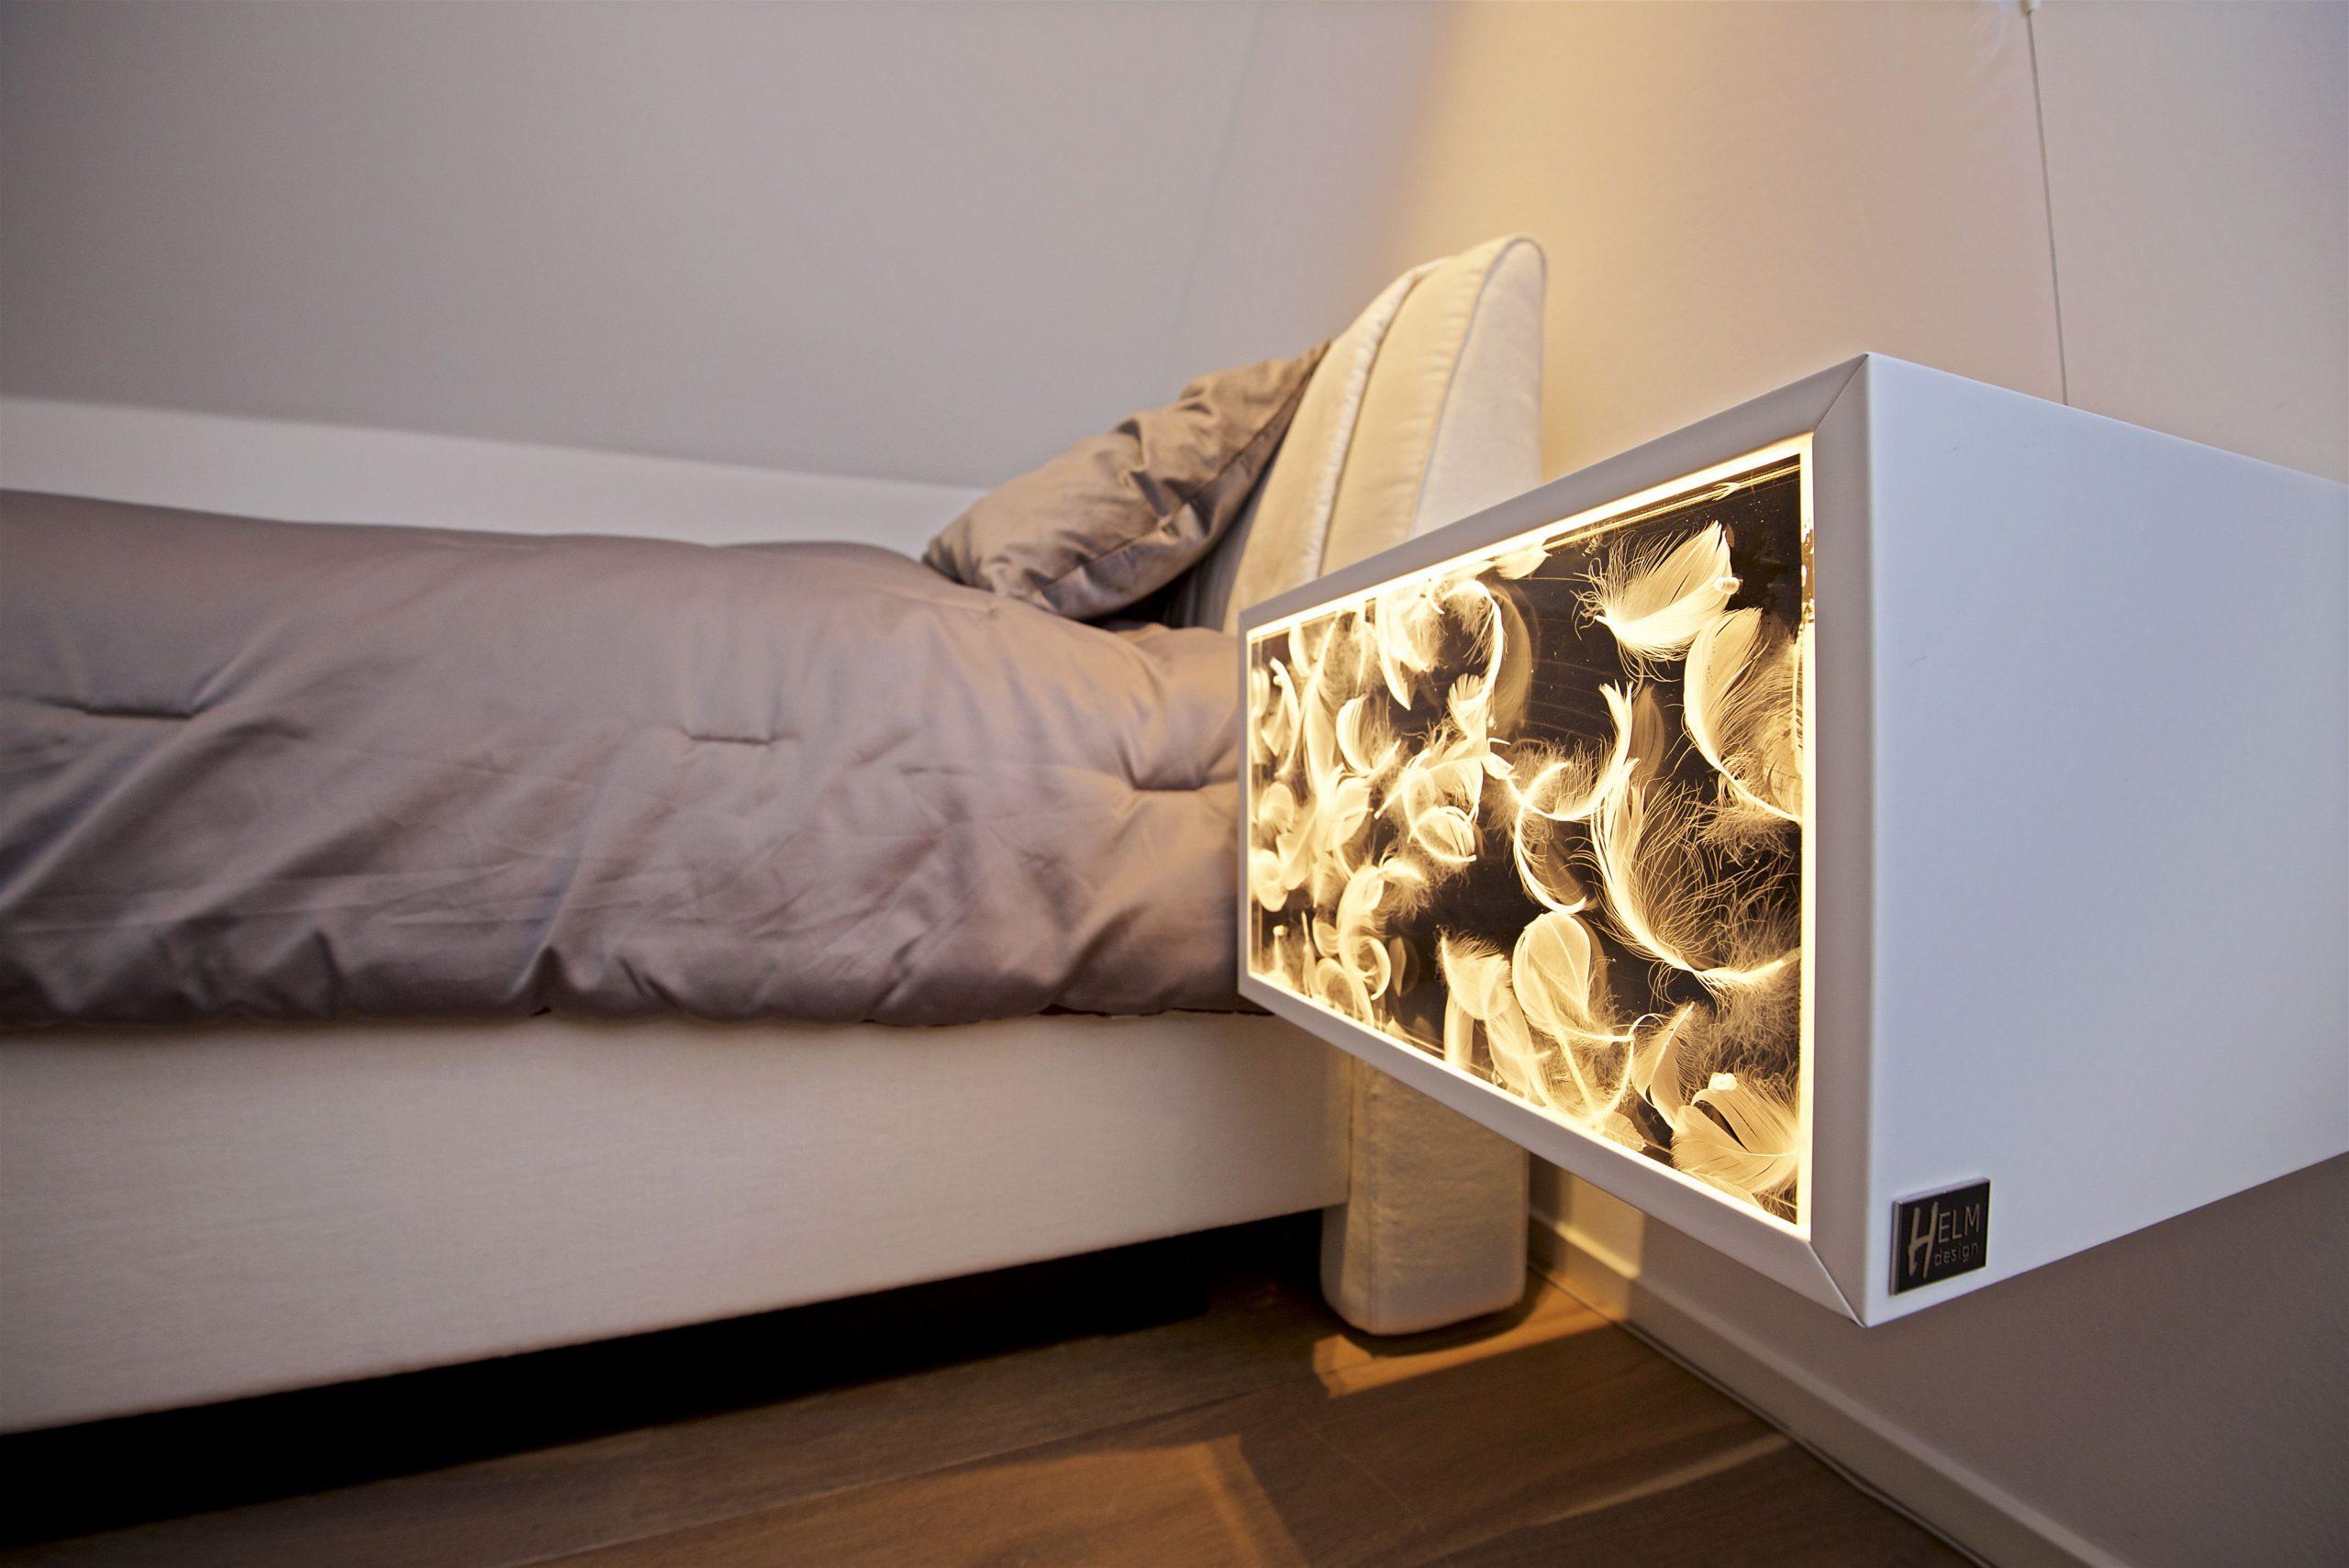 Full Size of Betten Kln Individuelle Designs Von Helm Einrichtung Gmbh Balinesische Amerikanische Ruf Fabrikverkauf Günstig Kaufen Holz 200x220 100x200 Mit Bettkasten Bett Betten Köln